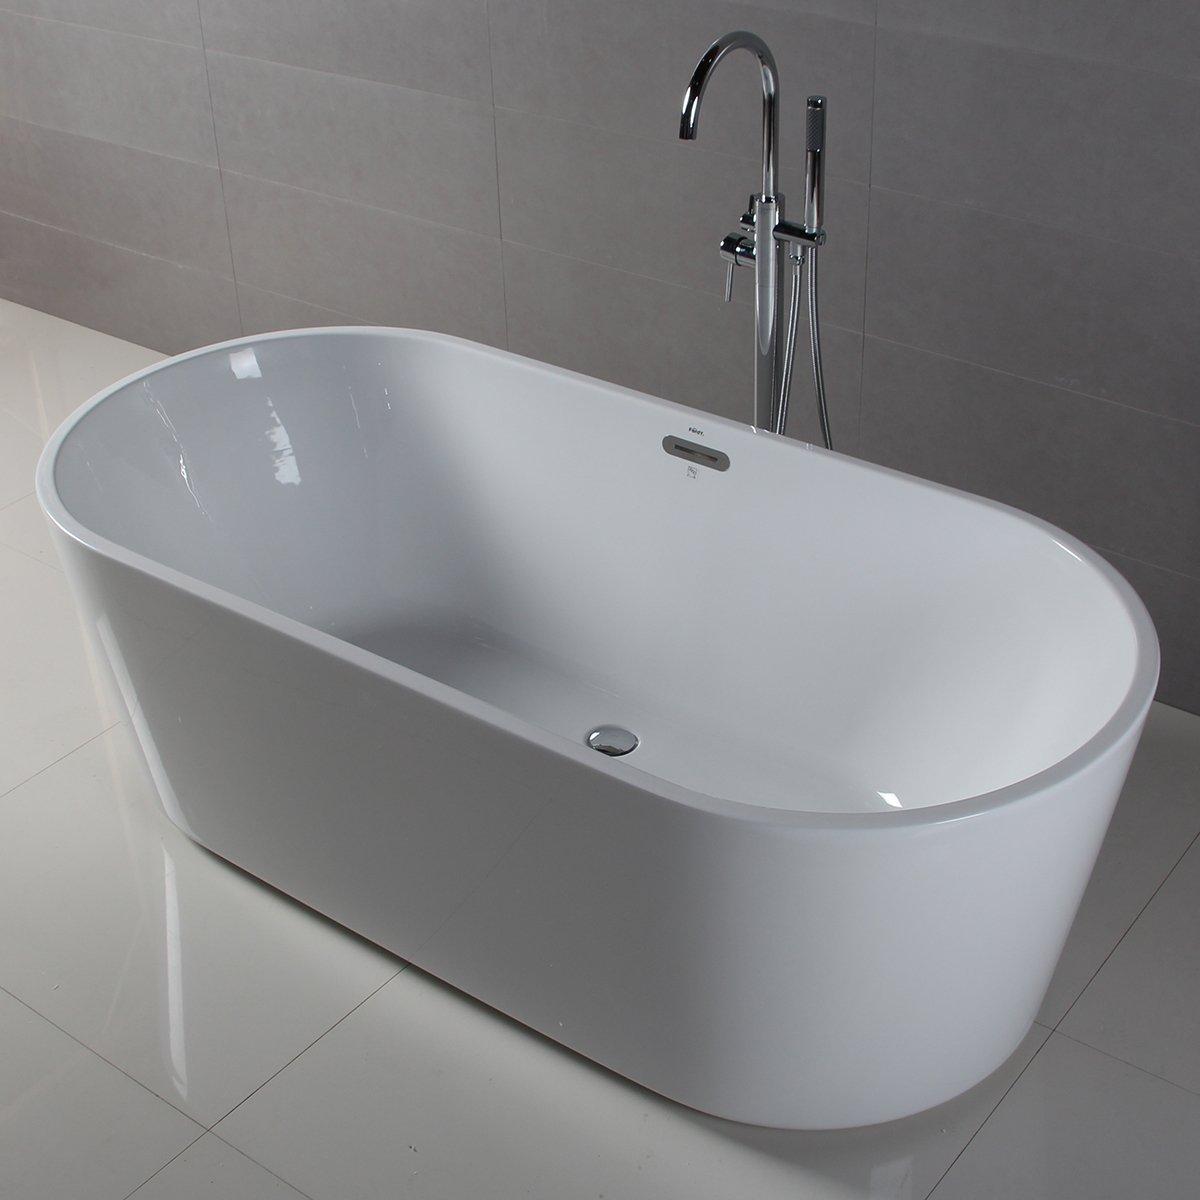 Freestanding Bathtubs Amazoncom